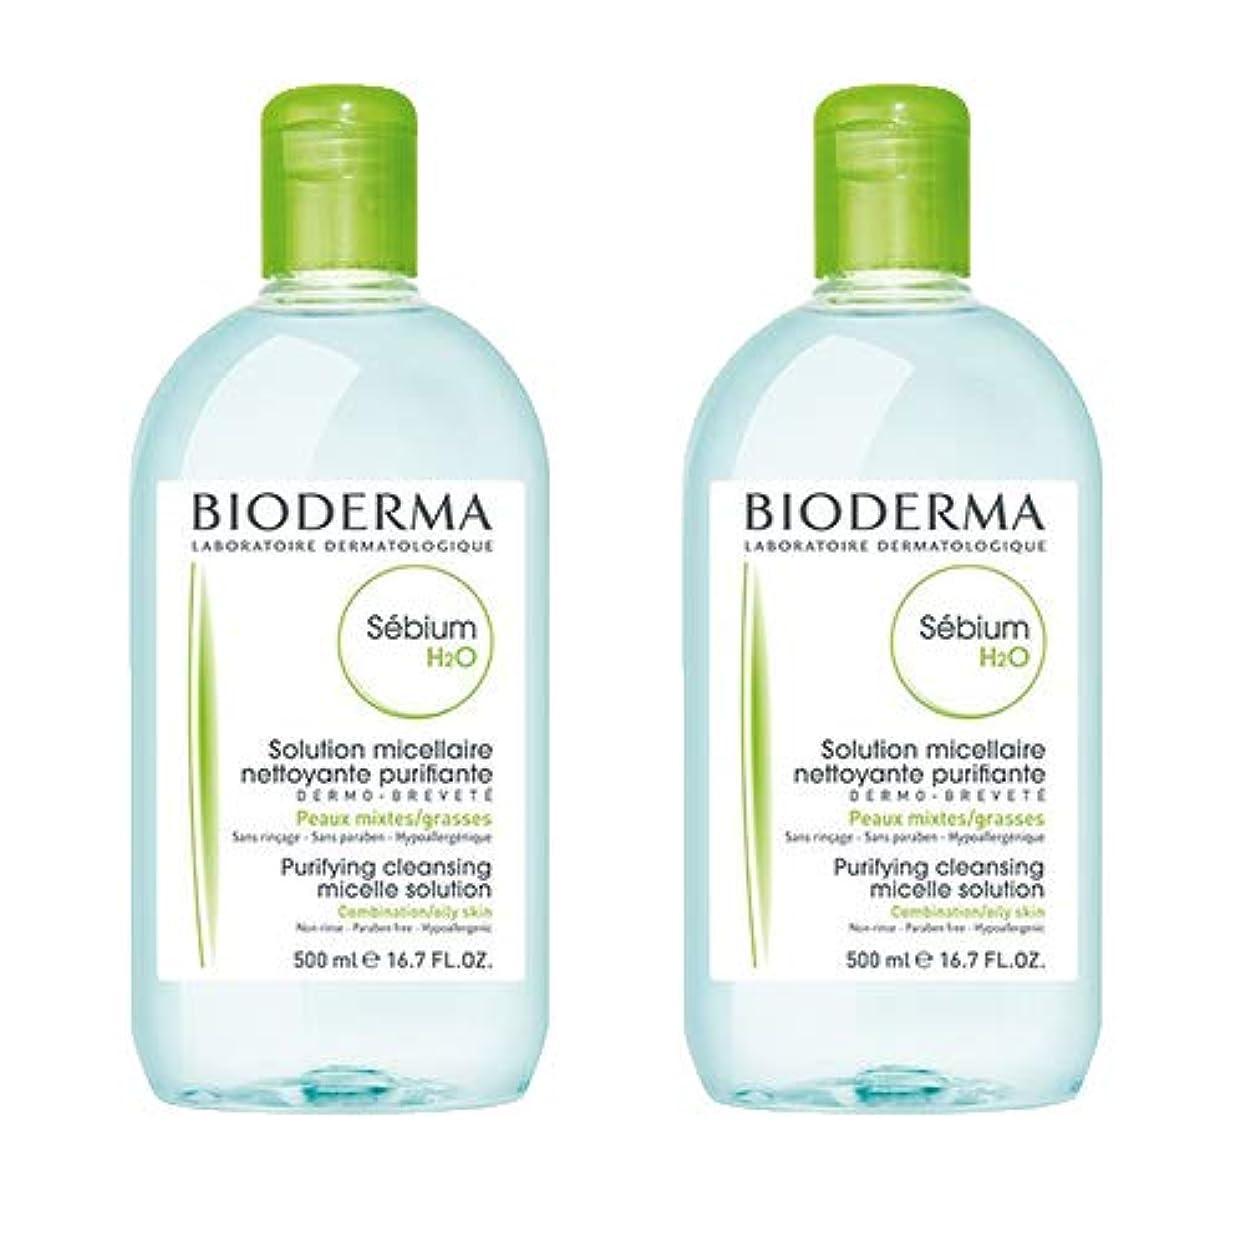 バリア解放するポルティコビオデルマ(BIODERMA) セビウム H2O(エイチ ツーオー)D 500ml×2本セット [並行輸入品]